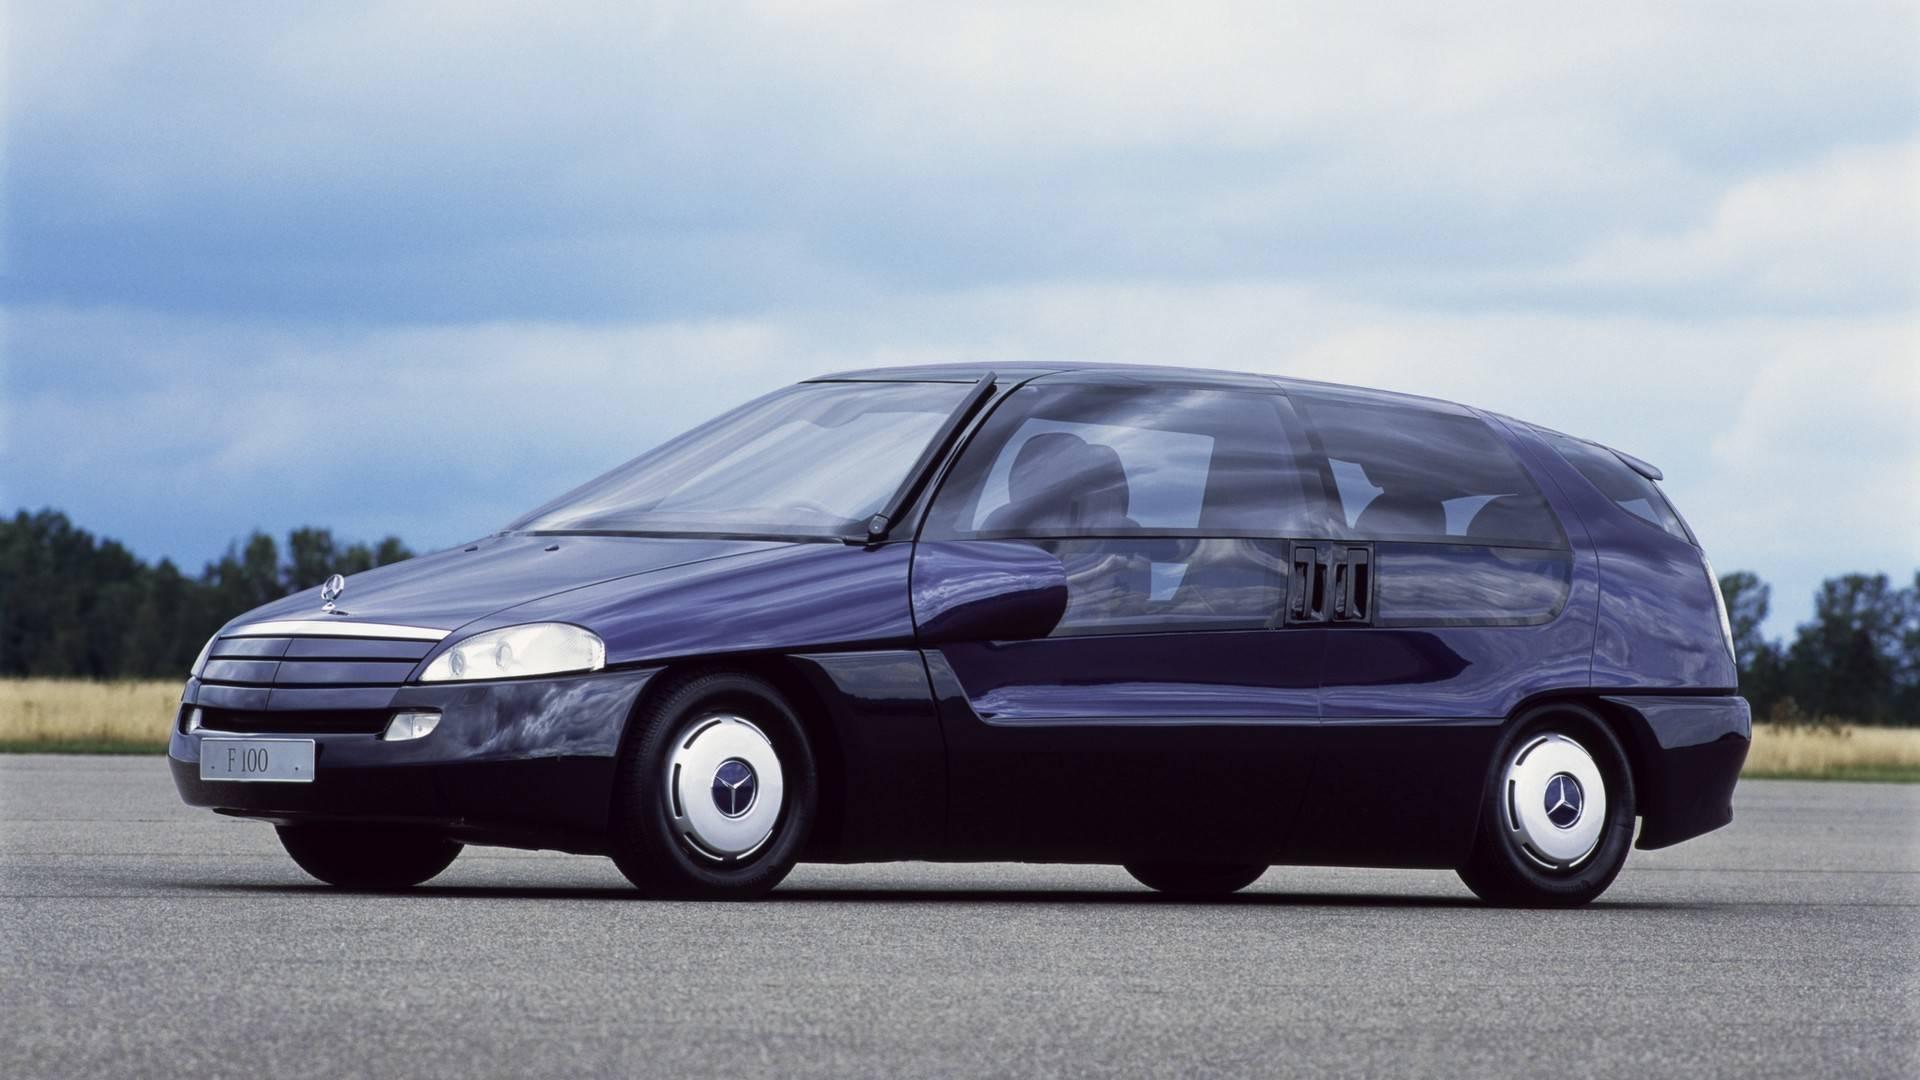 مرسدس F100 - اجاره ماشین - اجاره خودرو - کرایه ماشین